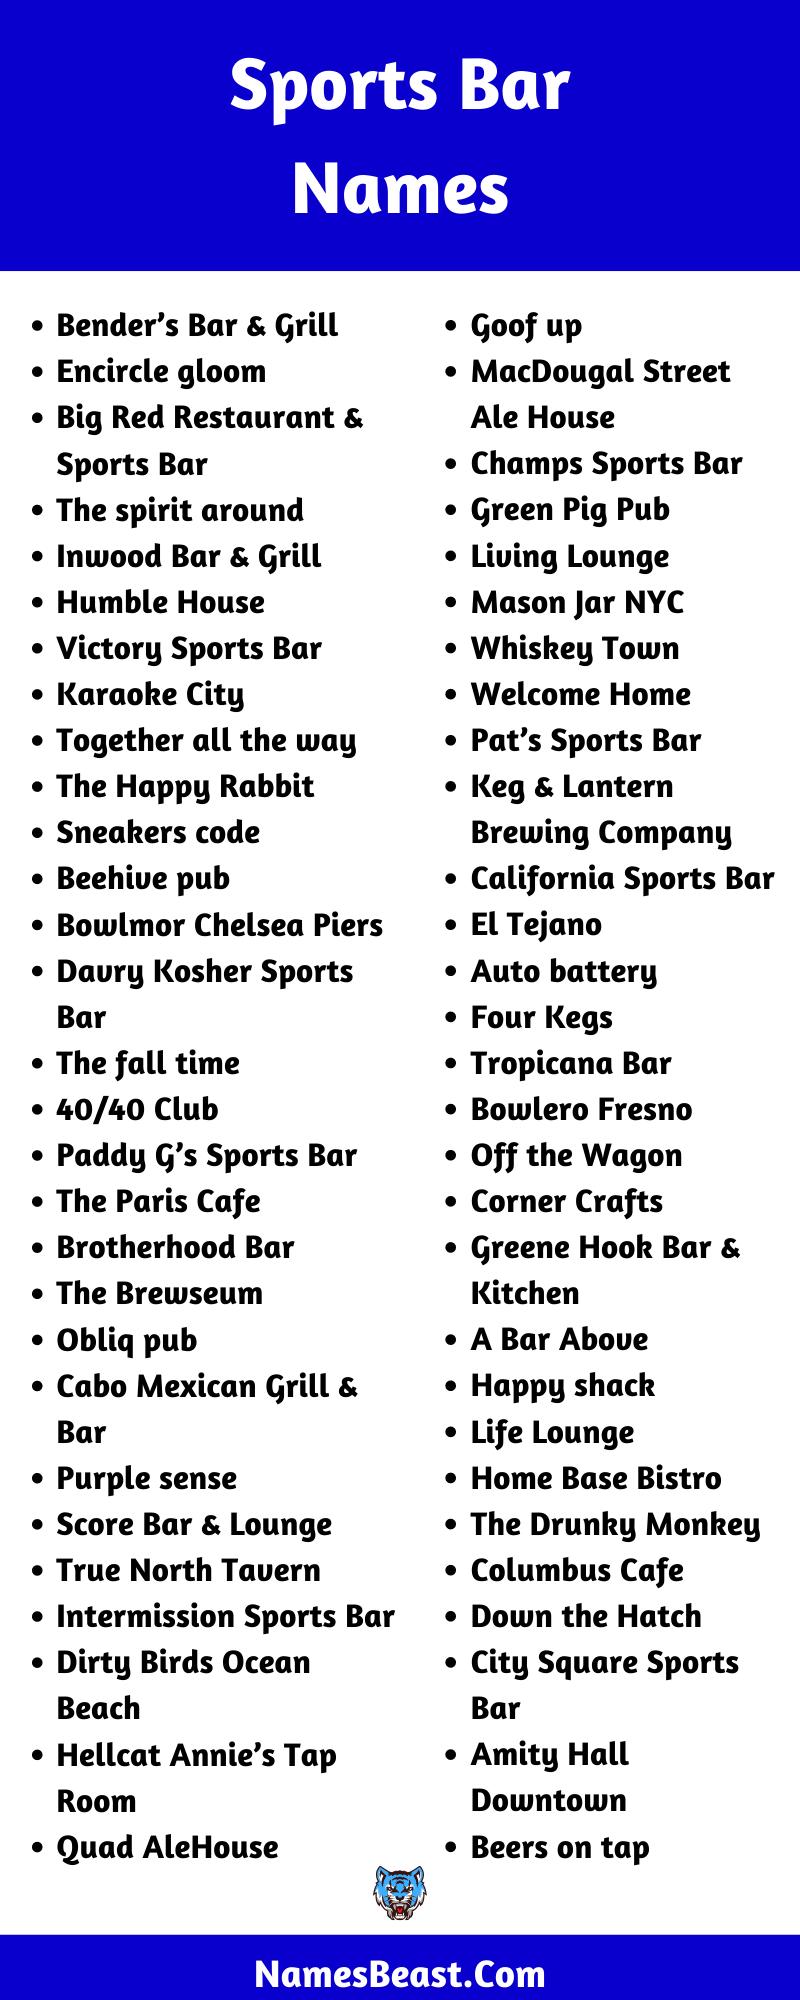 Sports Bar Name Ideas